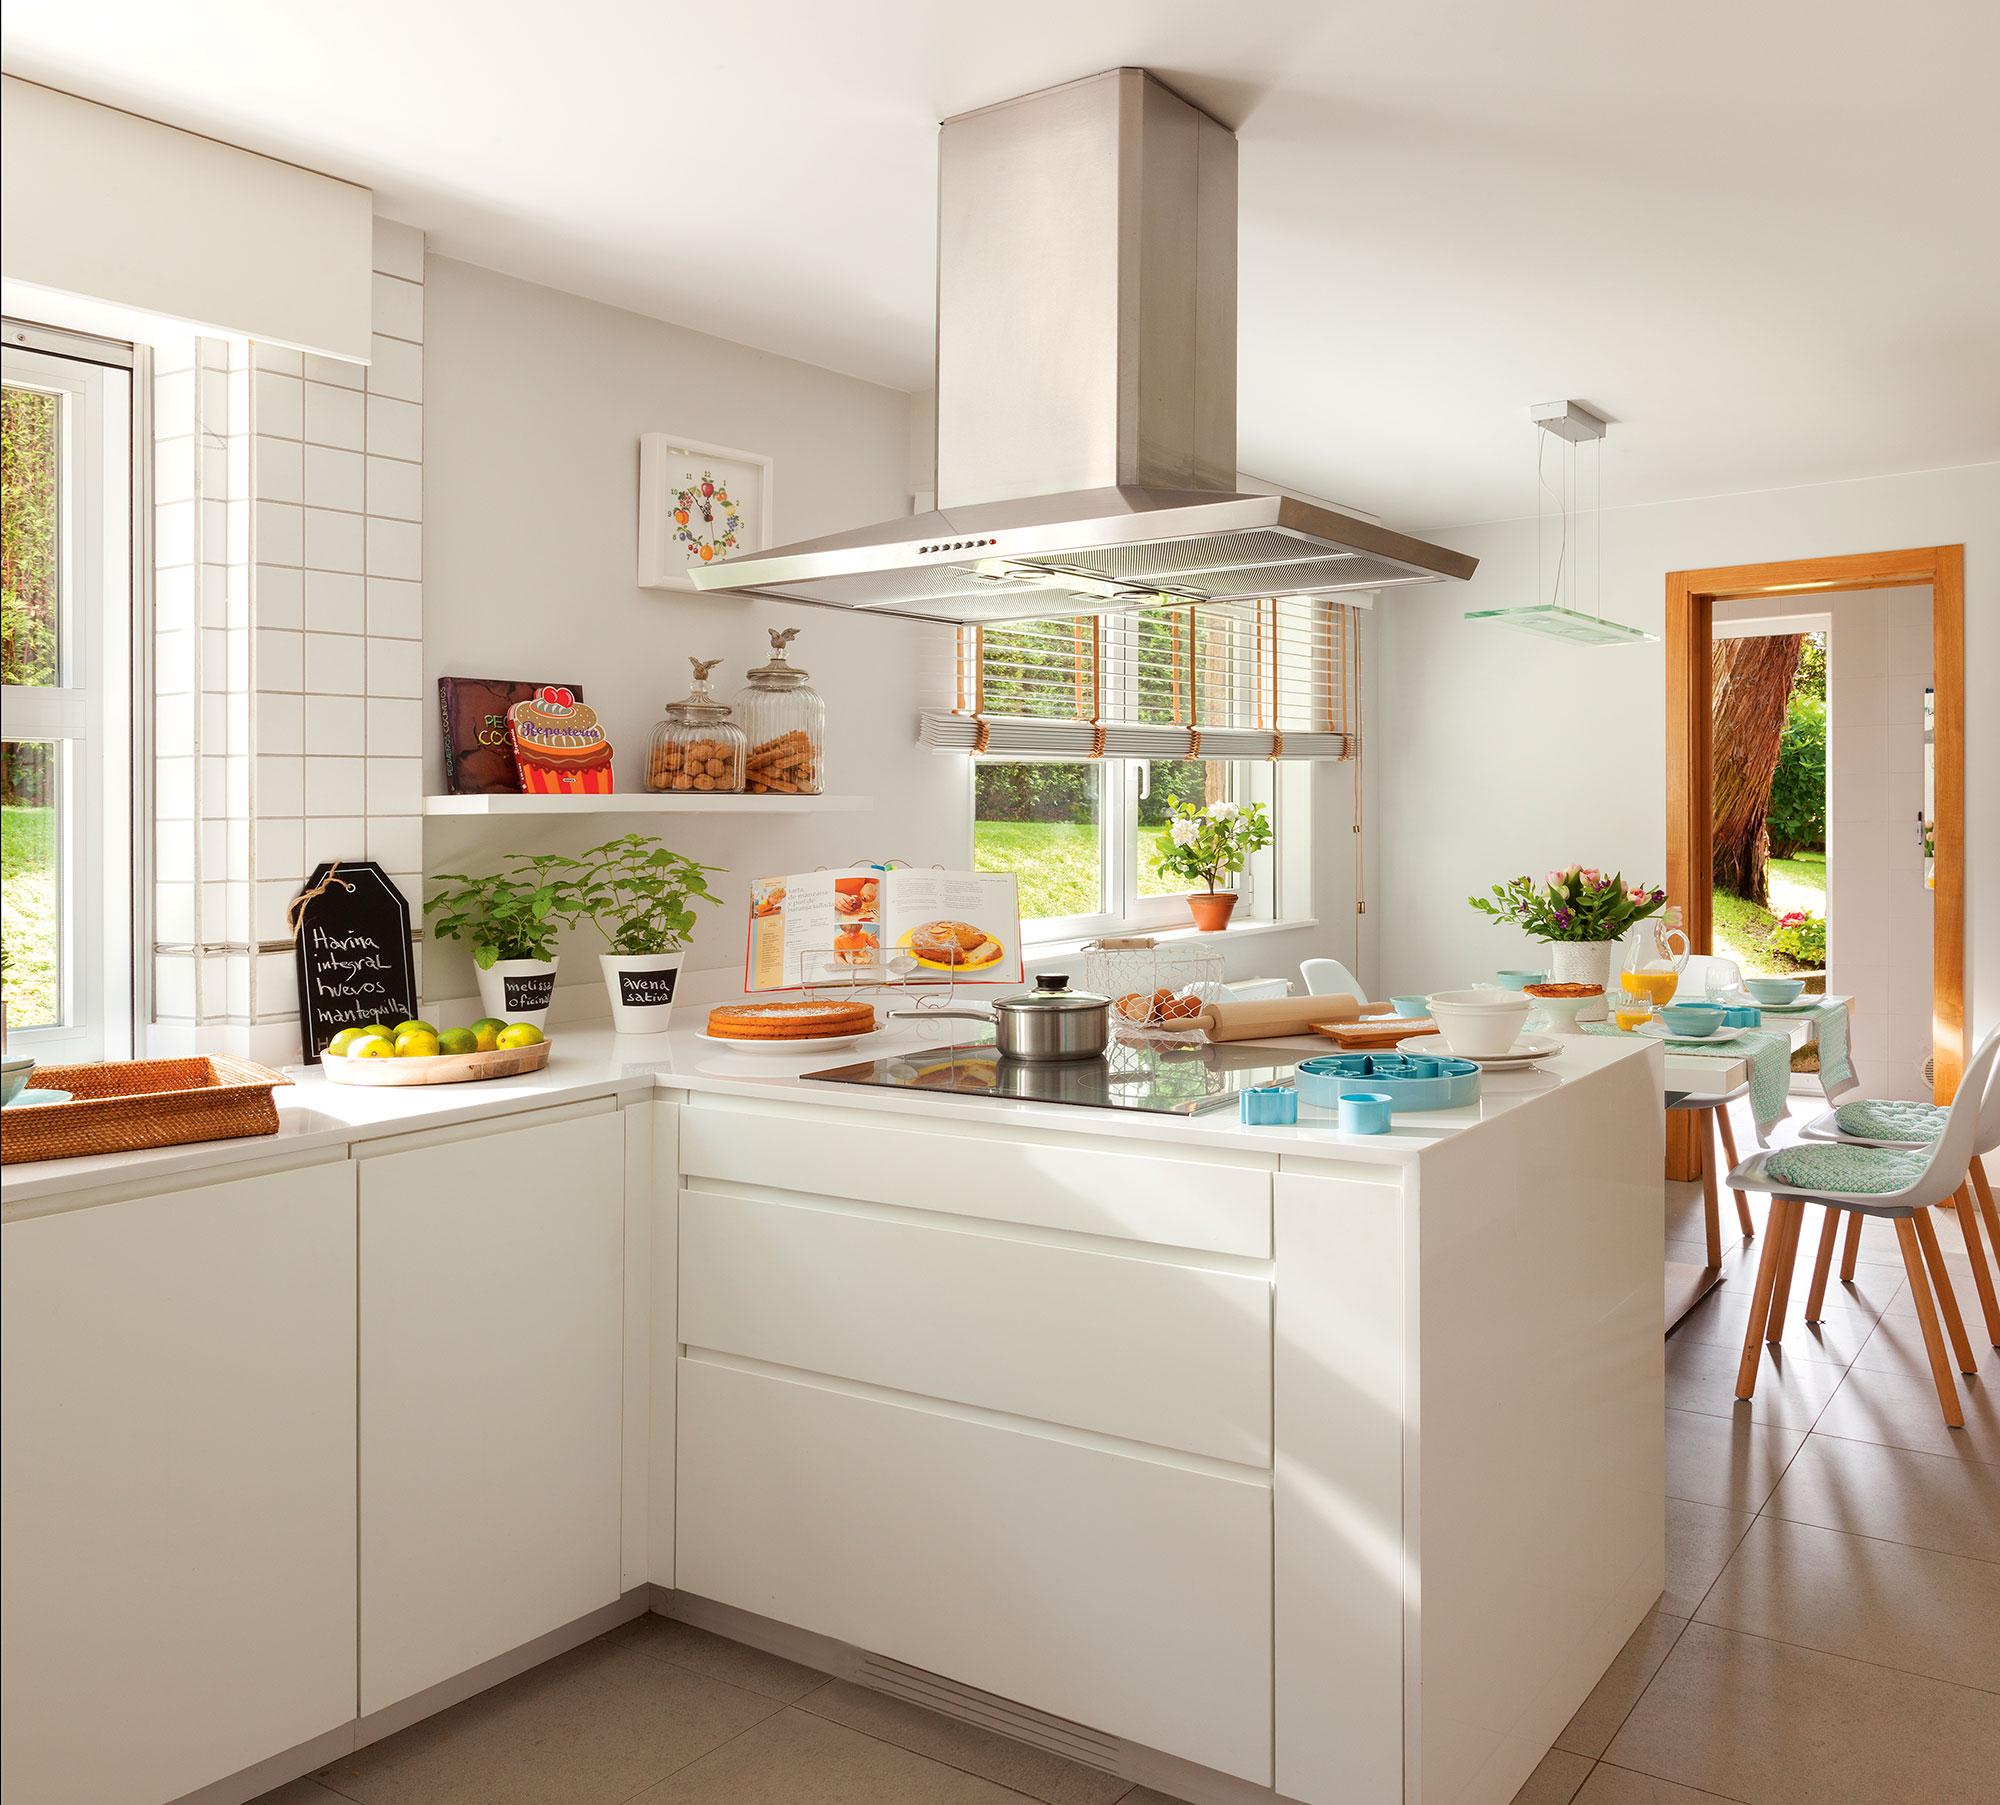 Cocinas en blanco una apuesta atemporal y muy luminosa for Color credence cocina blanca